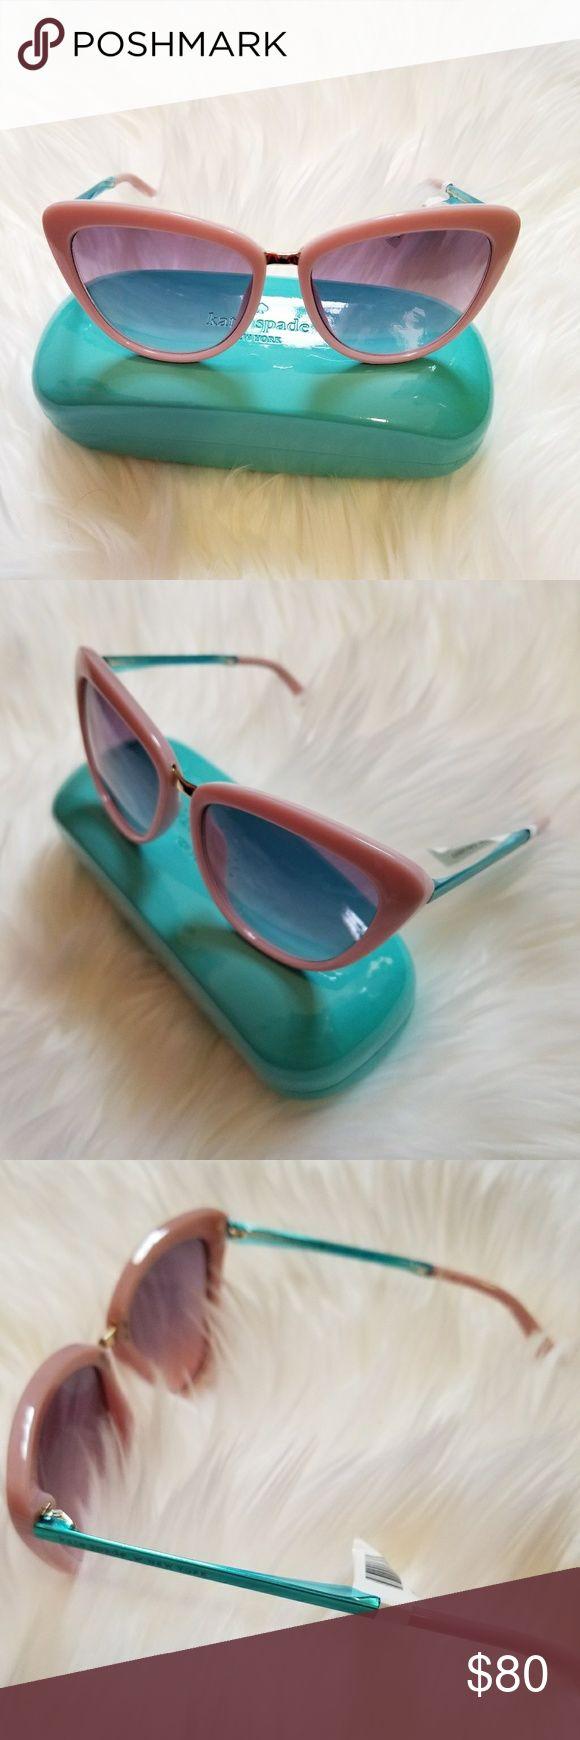 10 besten Kate spade Bilder auf Pinterest   Brillen, Lederbanduhr ...